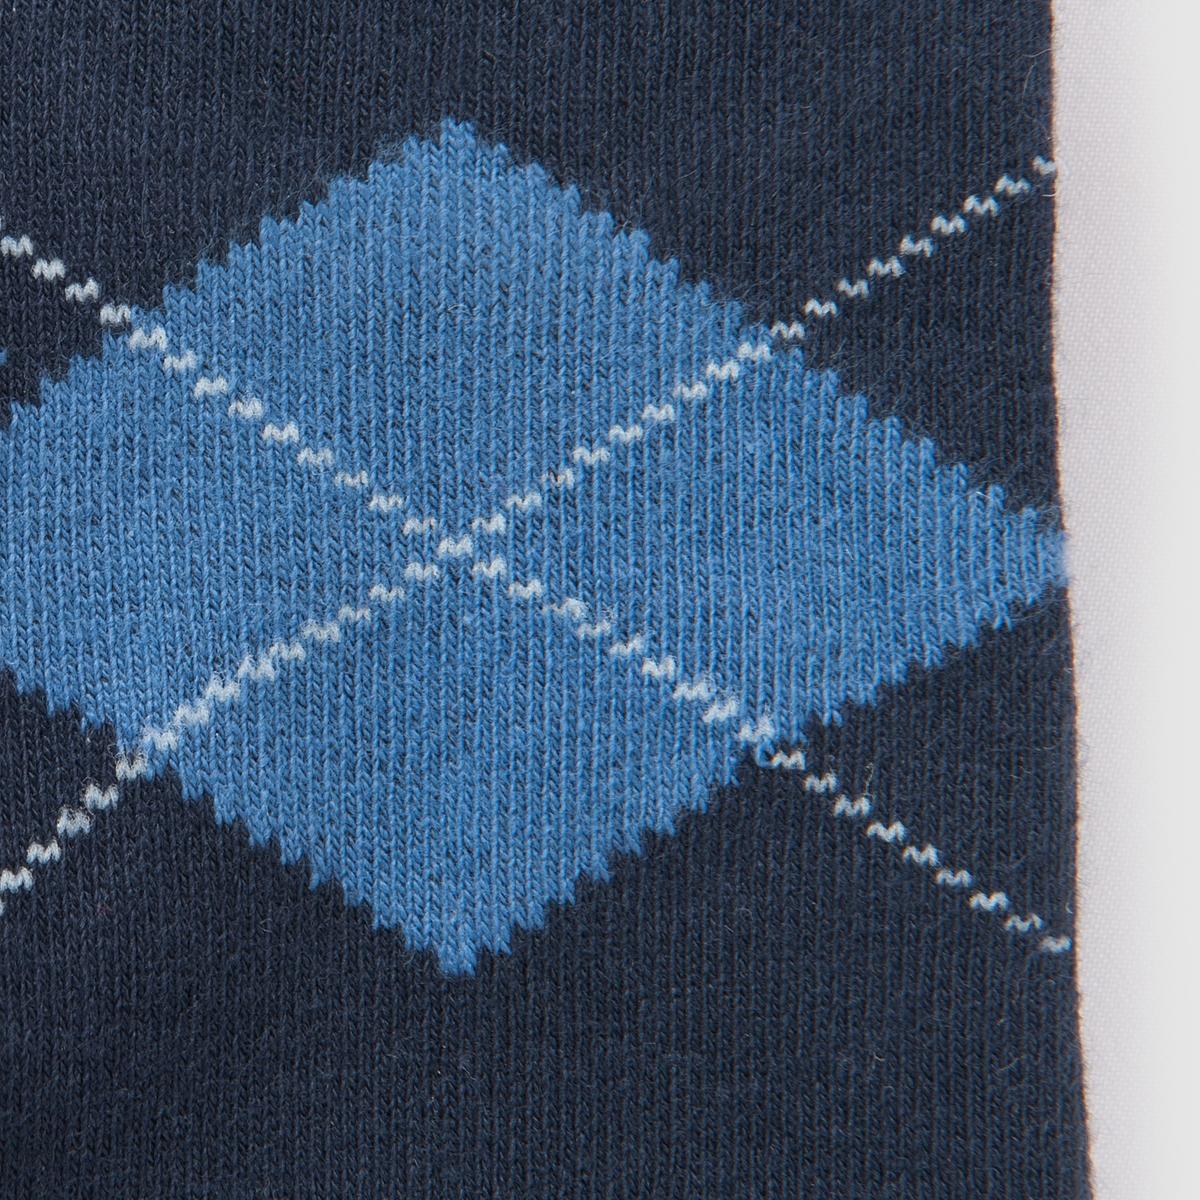 Комплект из 3 пар носков из модалаКомплект из 3 пар мягких носков. носки из хлопка/модала для мягкости, поскольку модал - мягкое целлюлозное волокно с впитывающей способность выше, чем у хлопка. Состав и описаниеМатериал : 40% хлопка, 40% модала, 17% полиамида, 3% эластанаМарка :  R essentiel<br><br>Цвет: антрацит + темно-синий,черный + темно-серый меланж